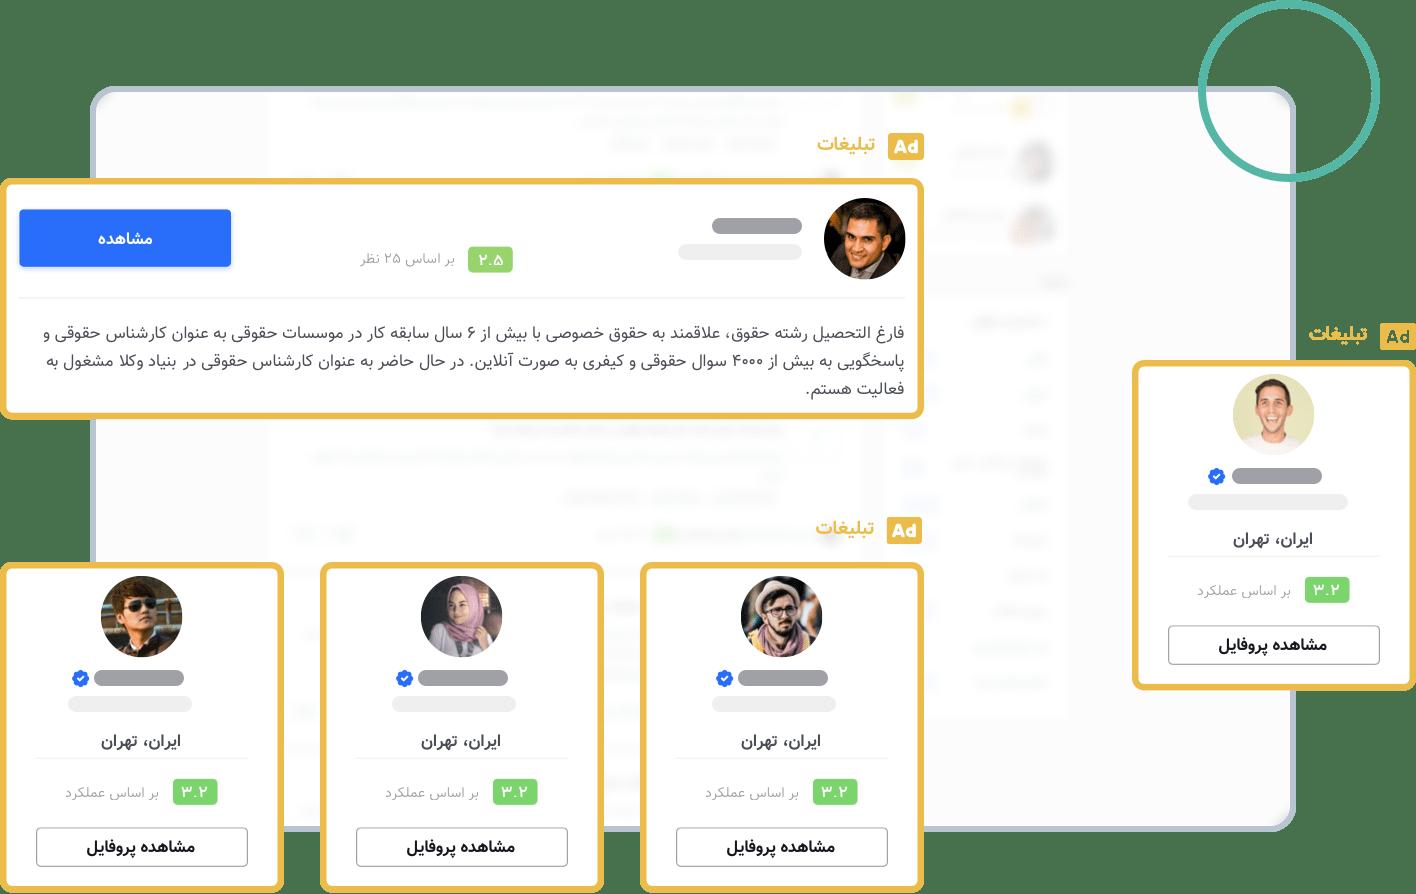 جایگاههای صفحه پرسش و پاسخ